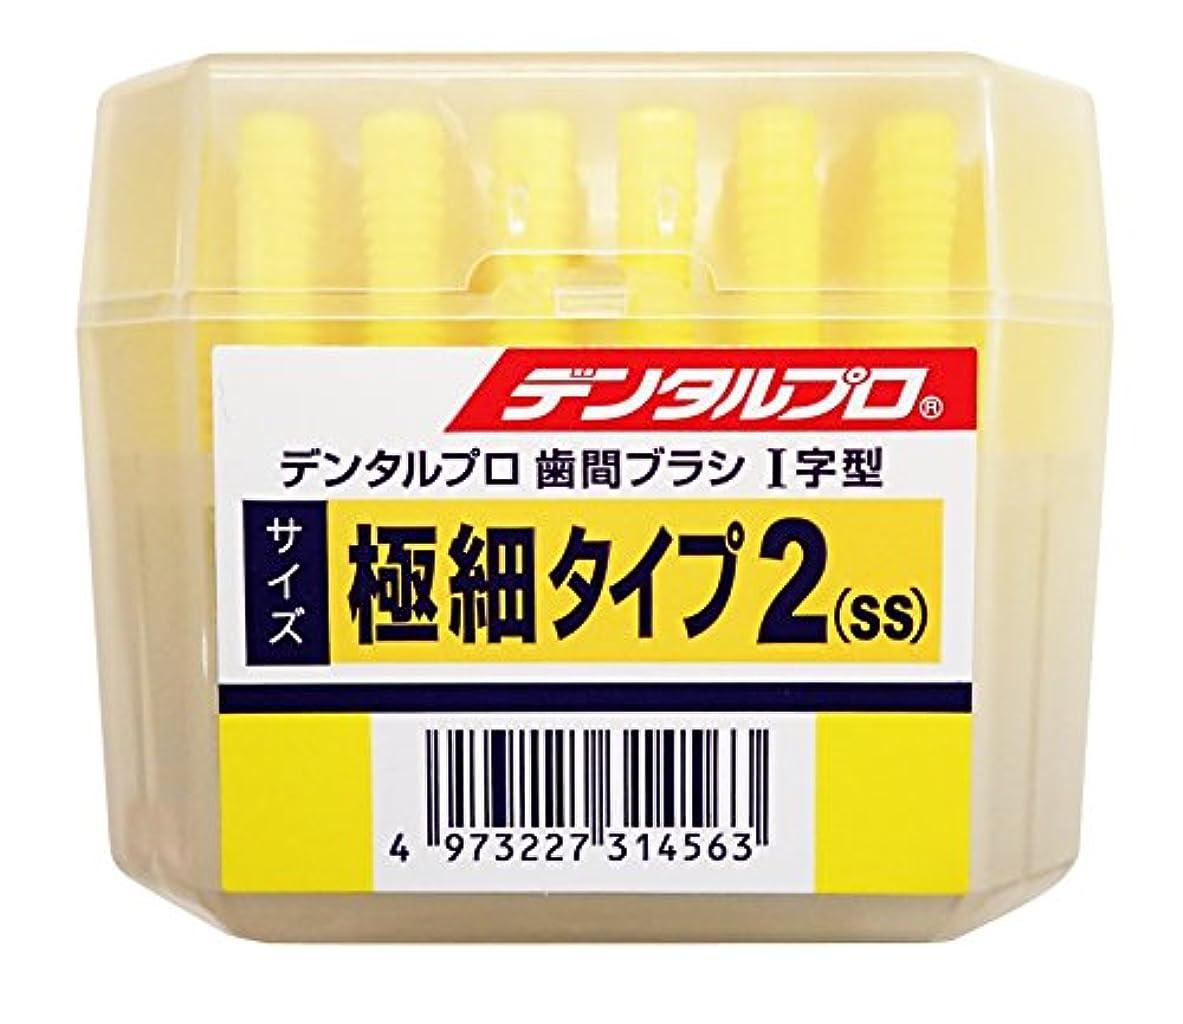 ガス吸う法廷デンタルプロ 歯間ブラシ I字型 極細タイプ サイズ2(SS) 50本入